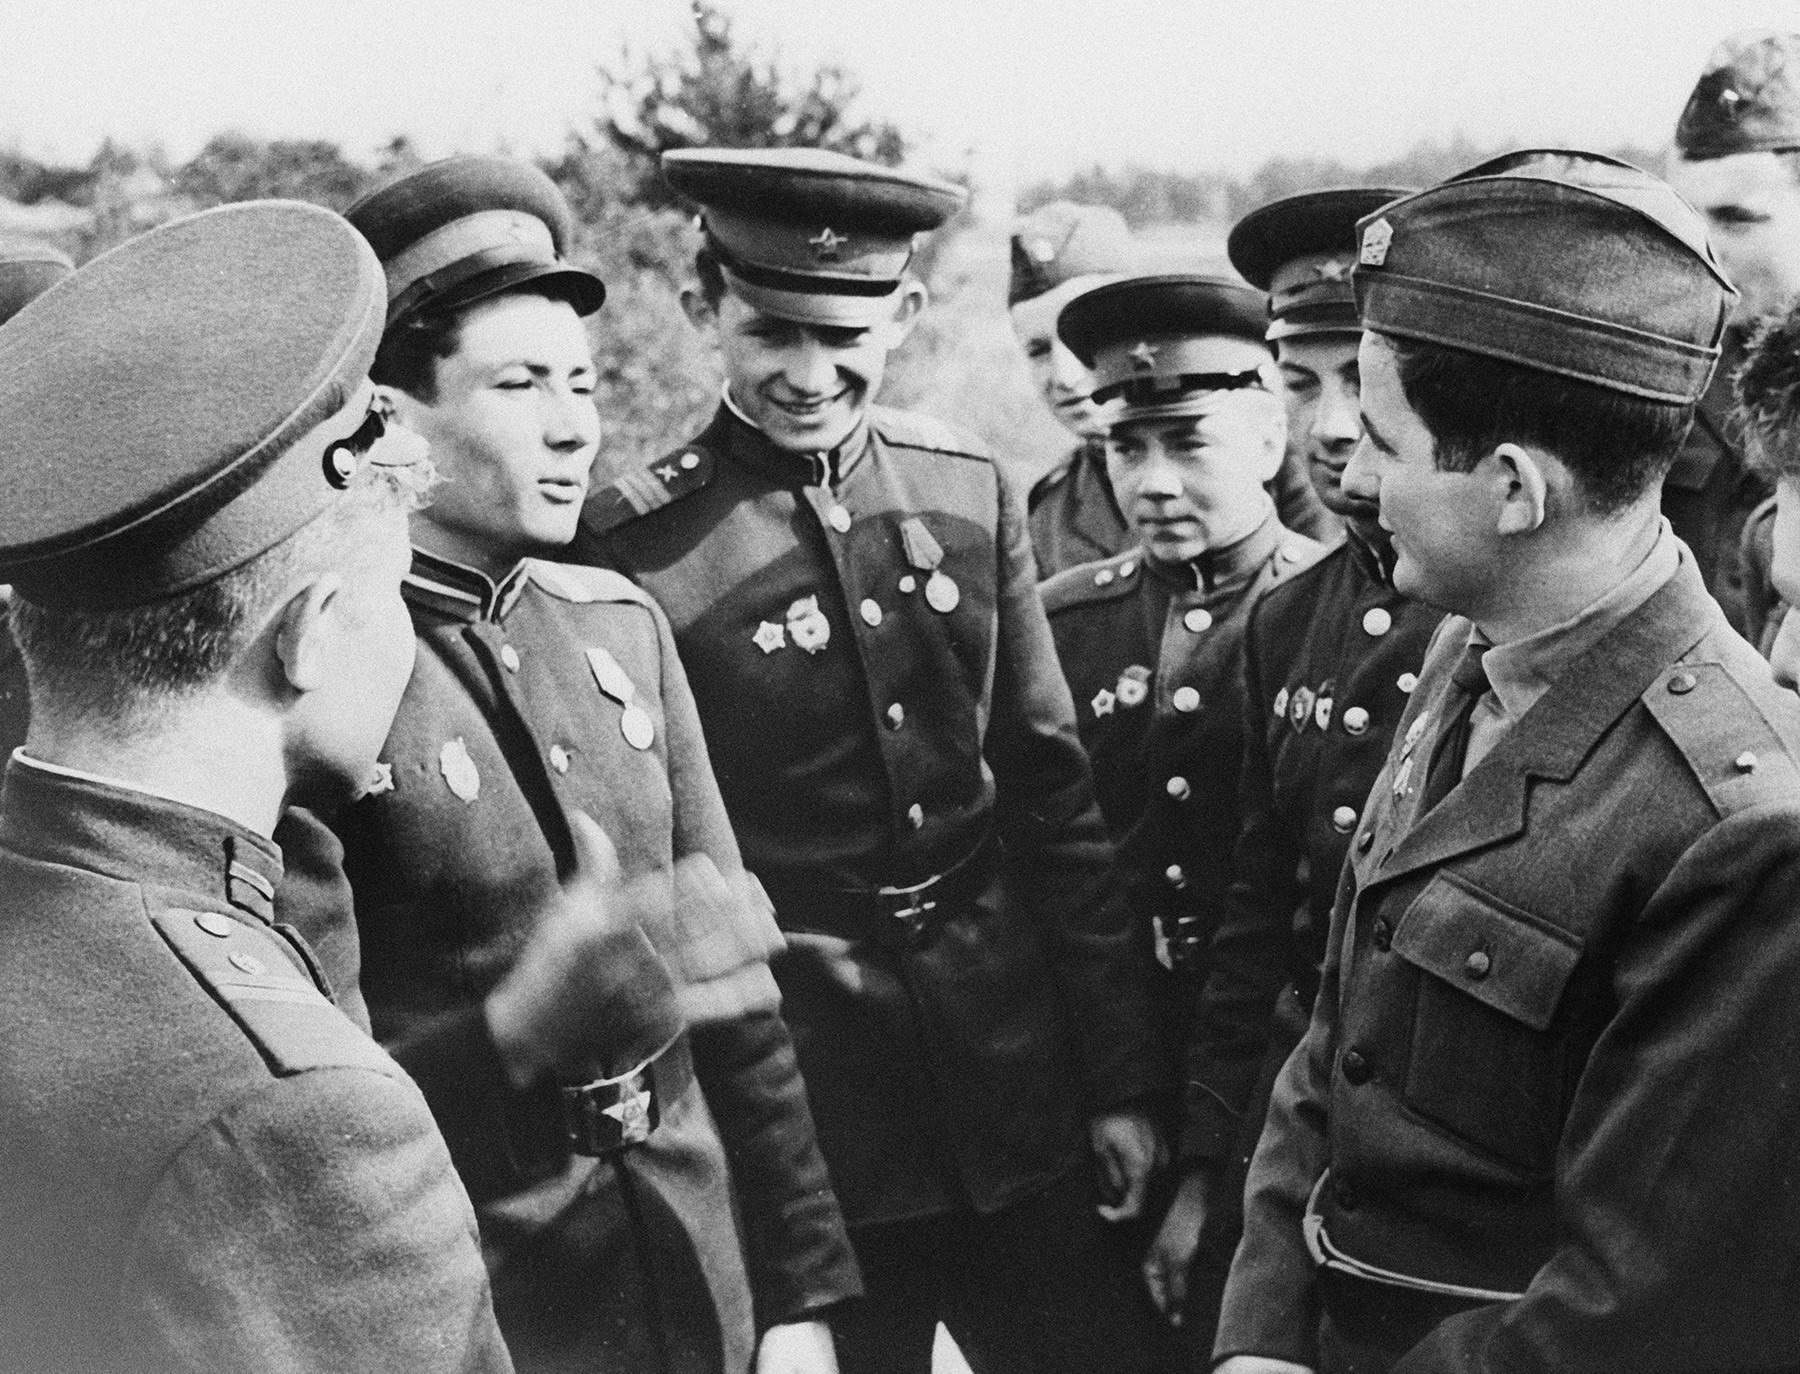 Sovjetski in češkoslovaški vojaki na vajah Varšavskega pakta Vltava-66, reprodukcija fotografije agencije CTK